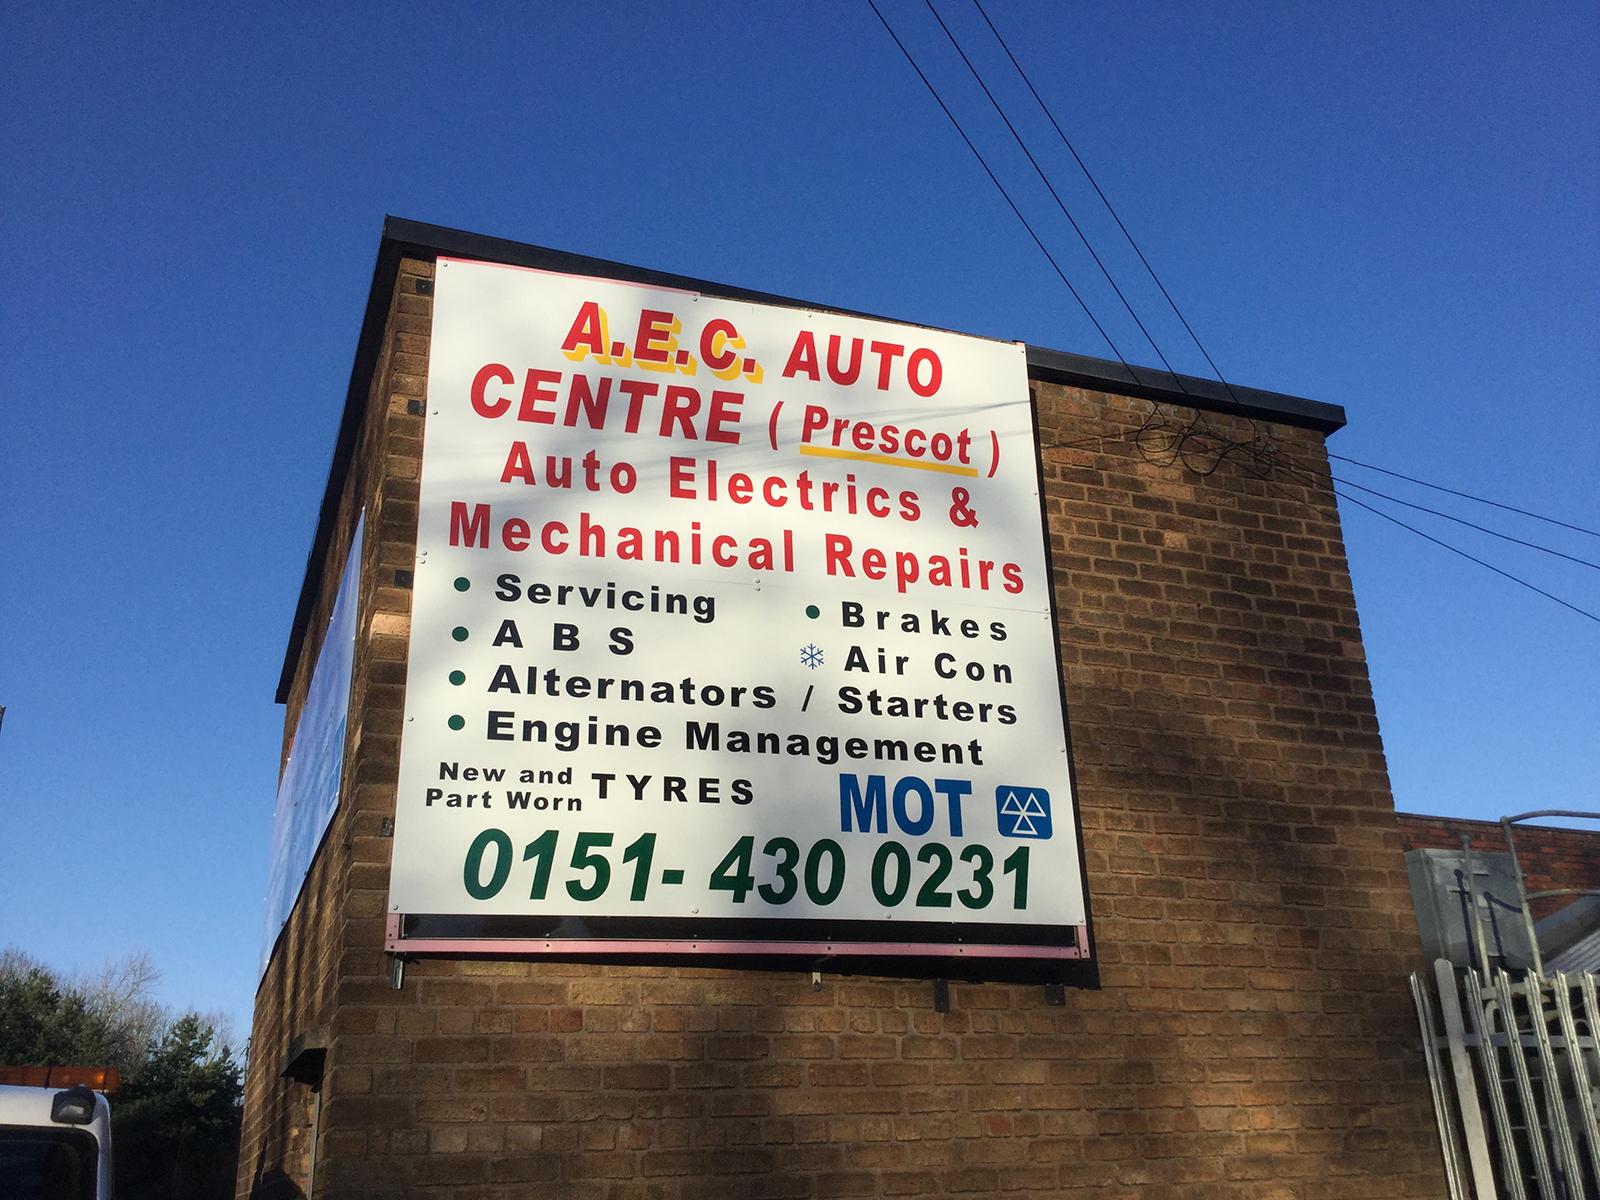 Car Garage in Whiston